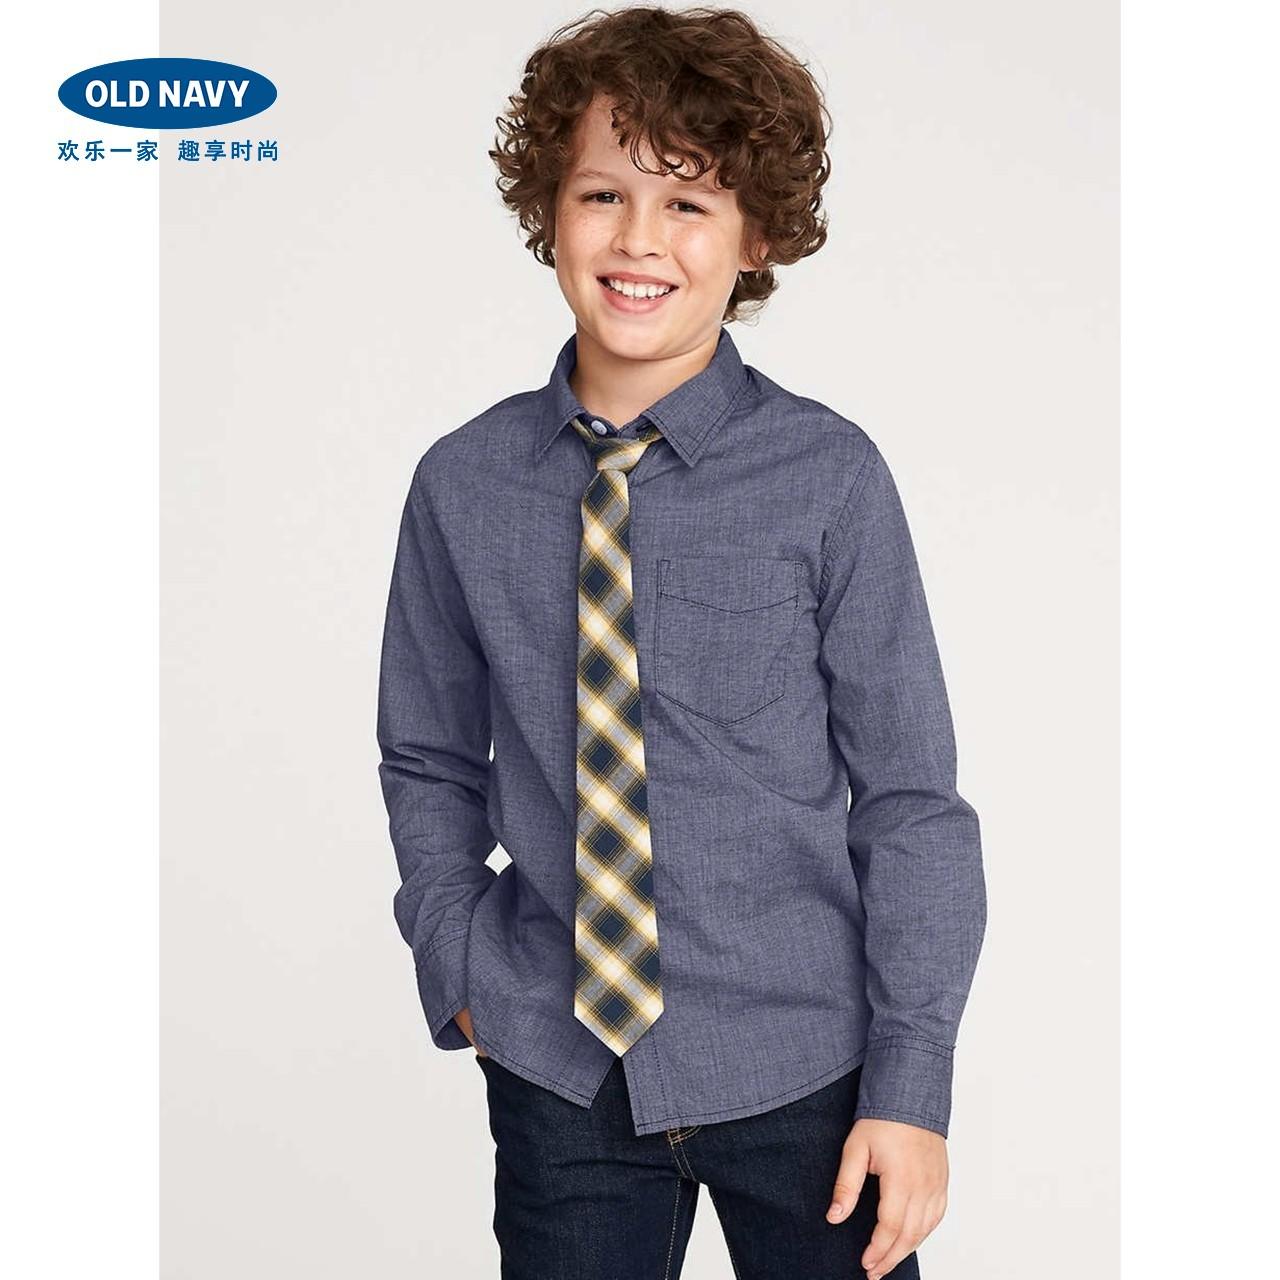 男童衬衫领带